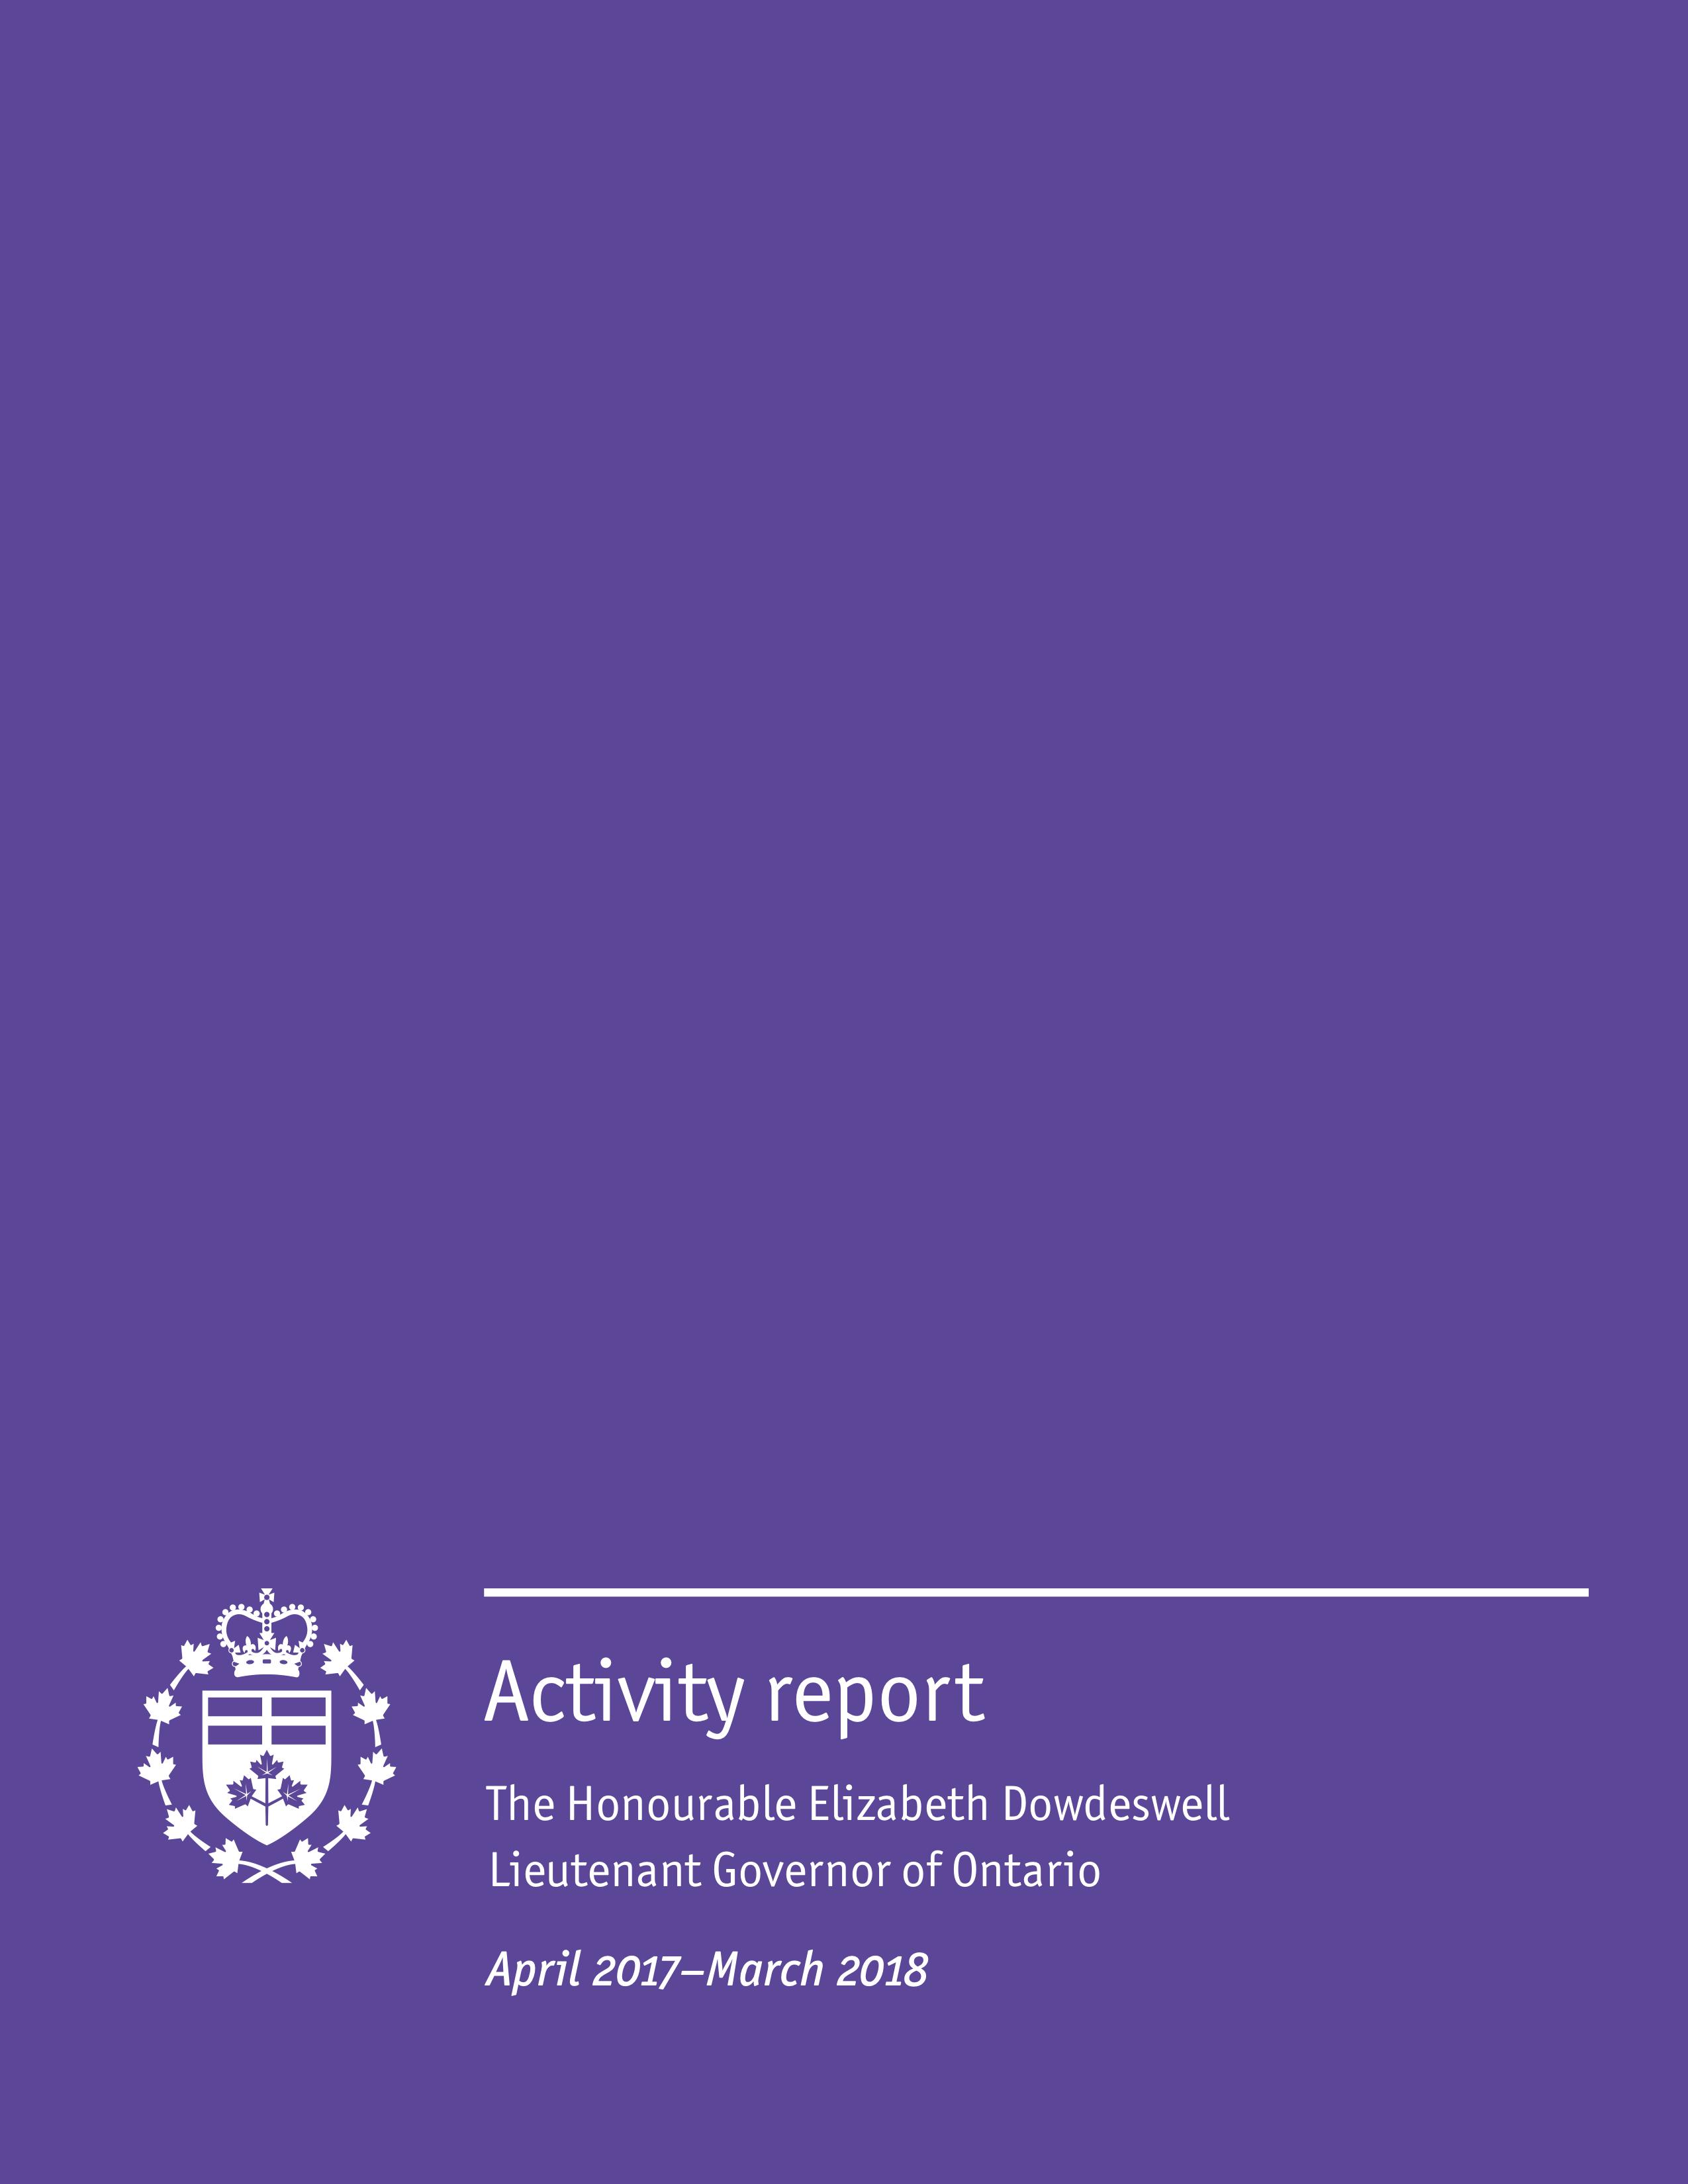 Publication: Activity report (April 2017–March 2018)